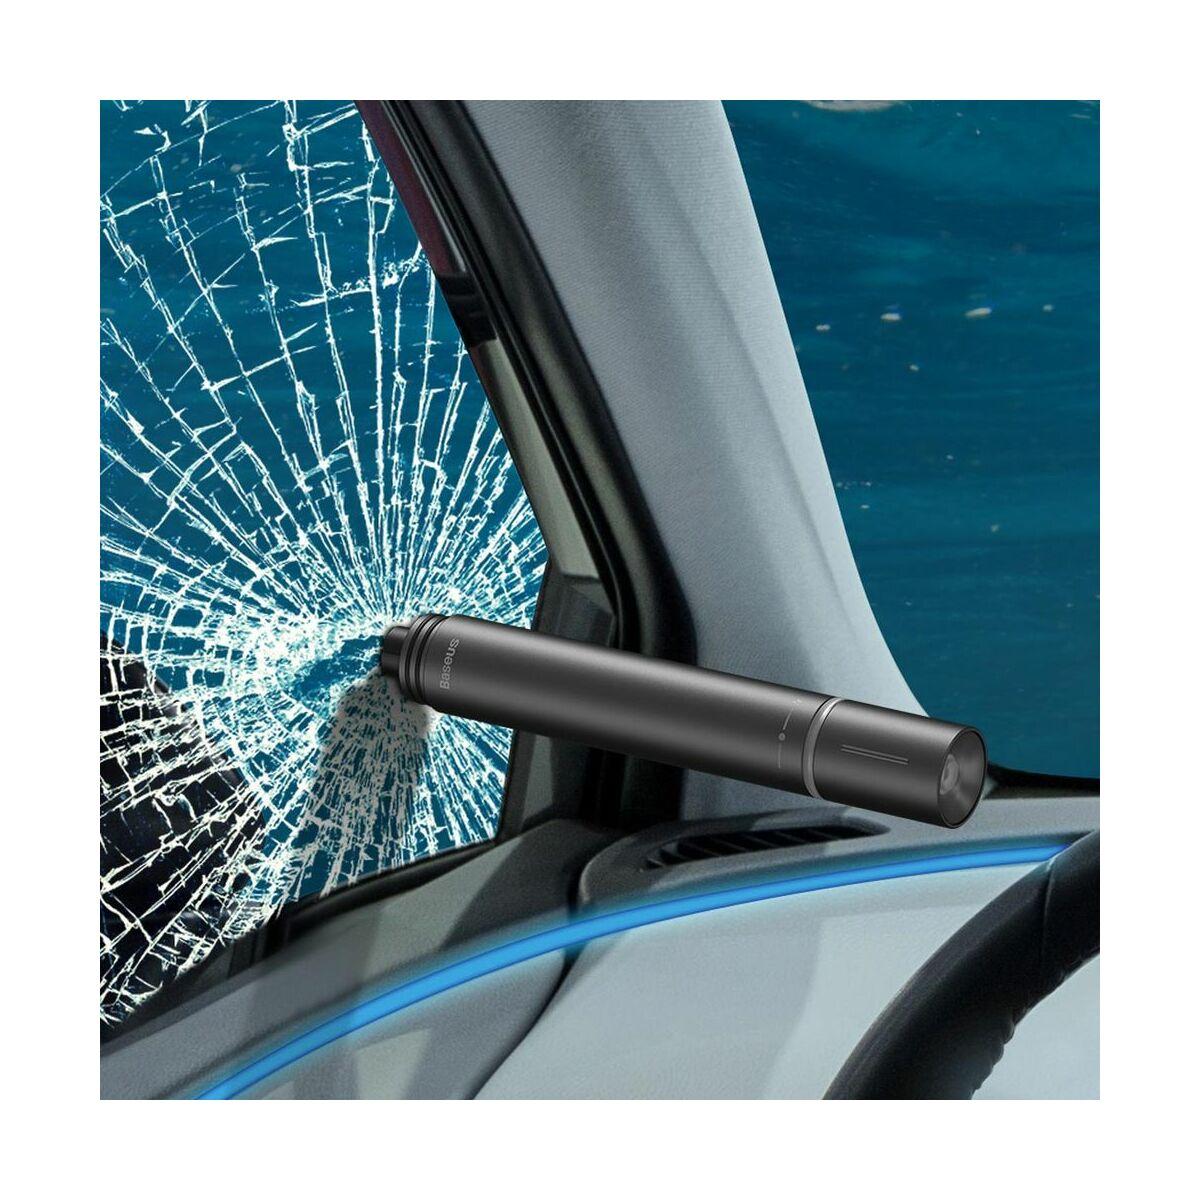 Baseus autós kiegészítő, Savior Zseblámpa, ablaktörő funkcióval, fekete (CRSFH-B01)